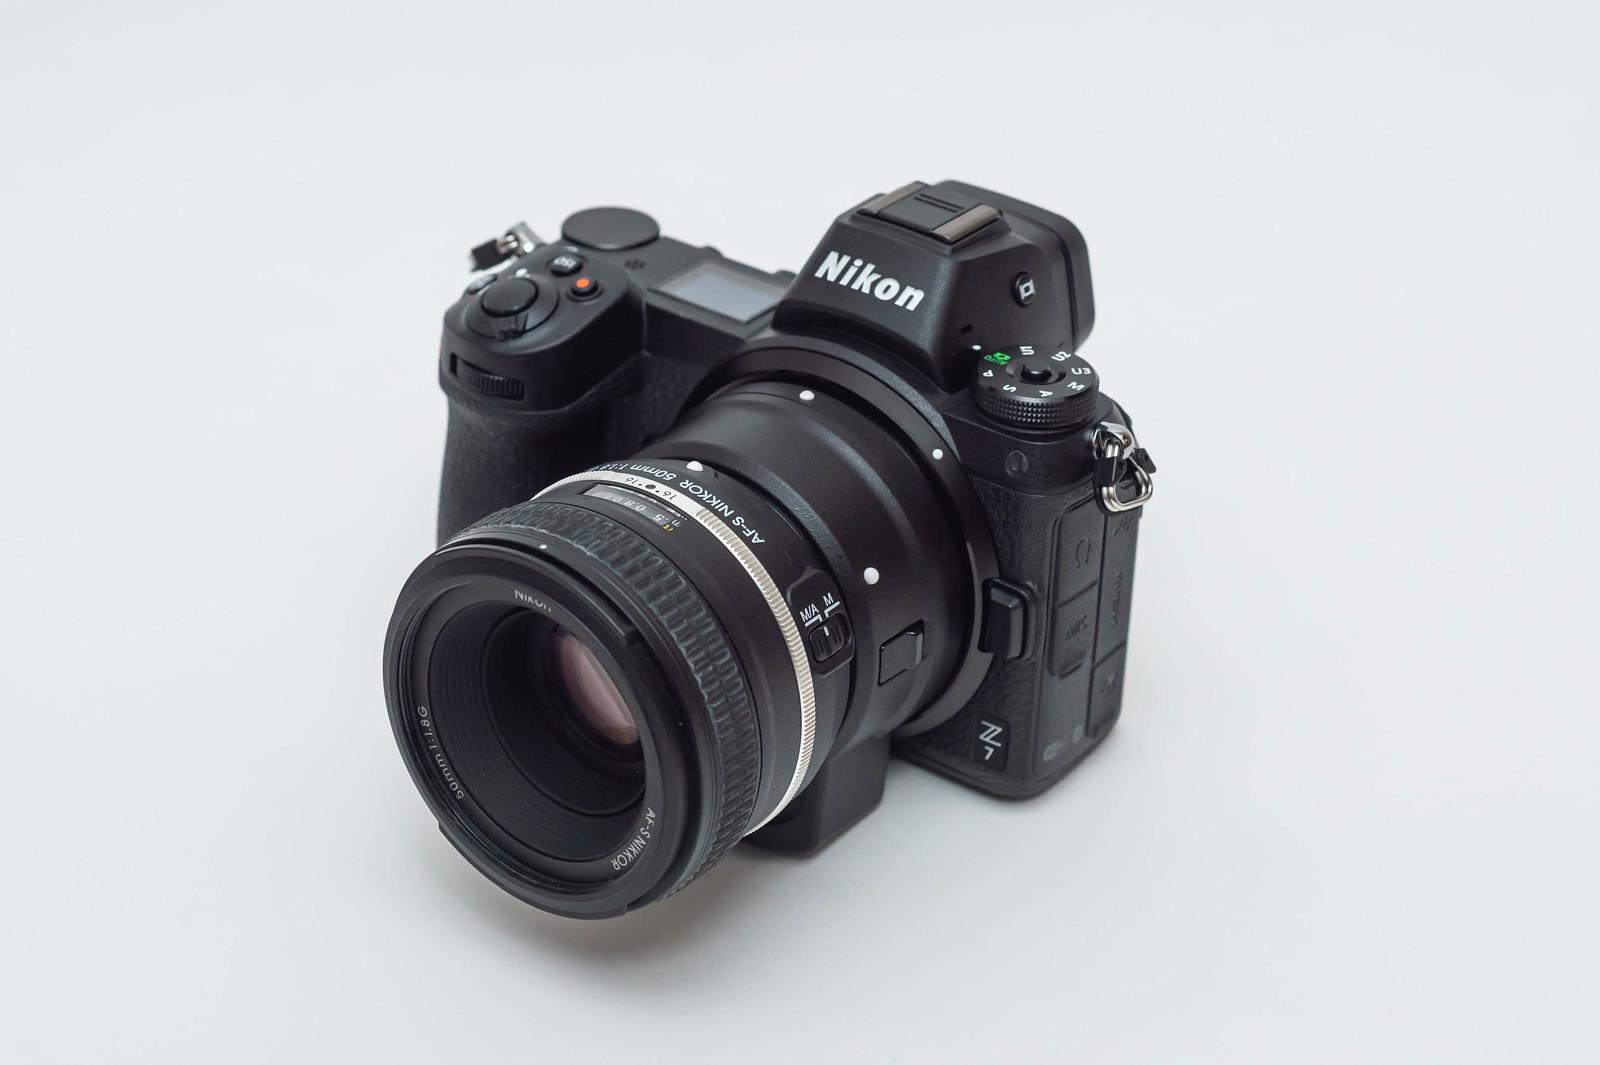 Nikon Z7 + FTZ + AF-S NIKKOR 50mm f/1.8G